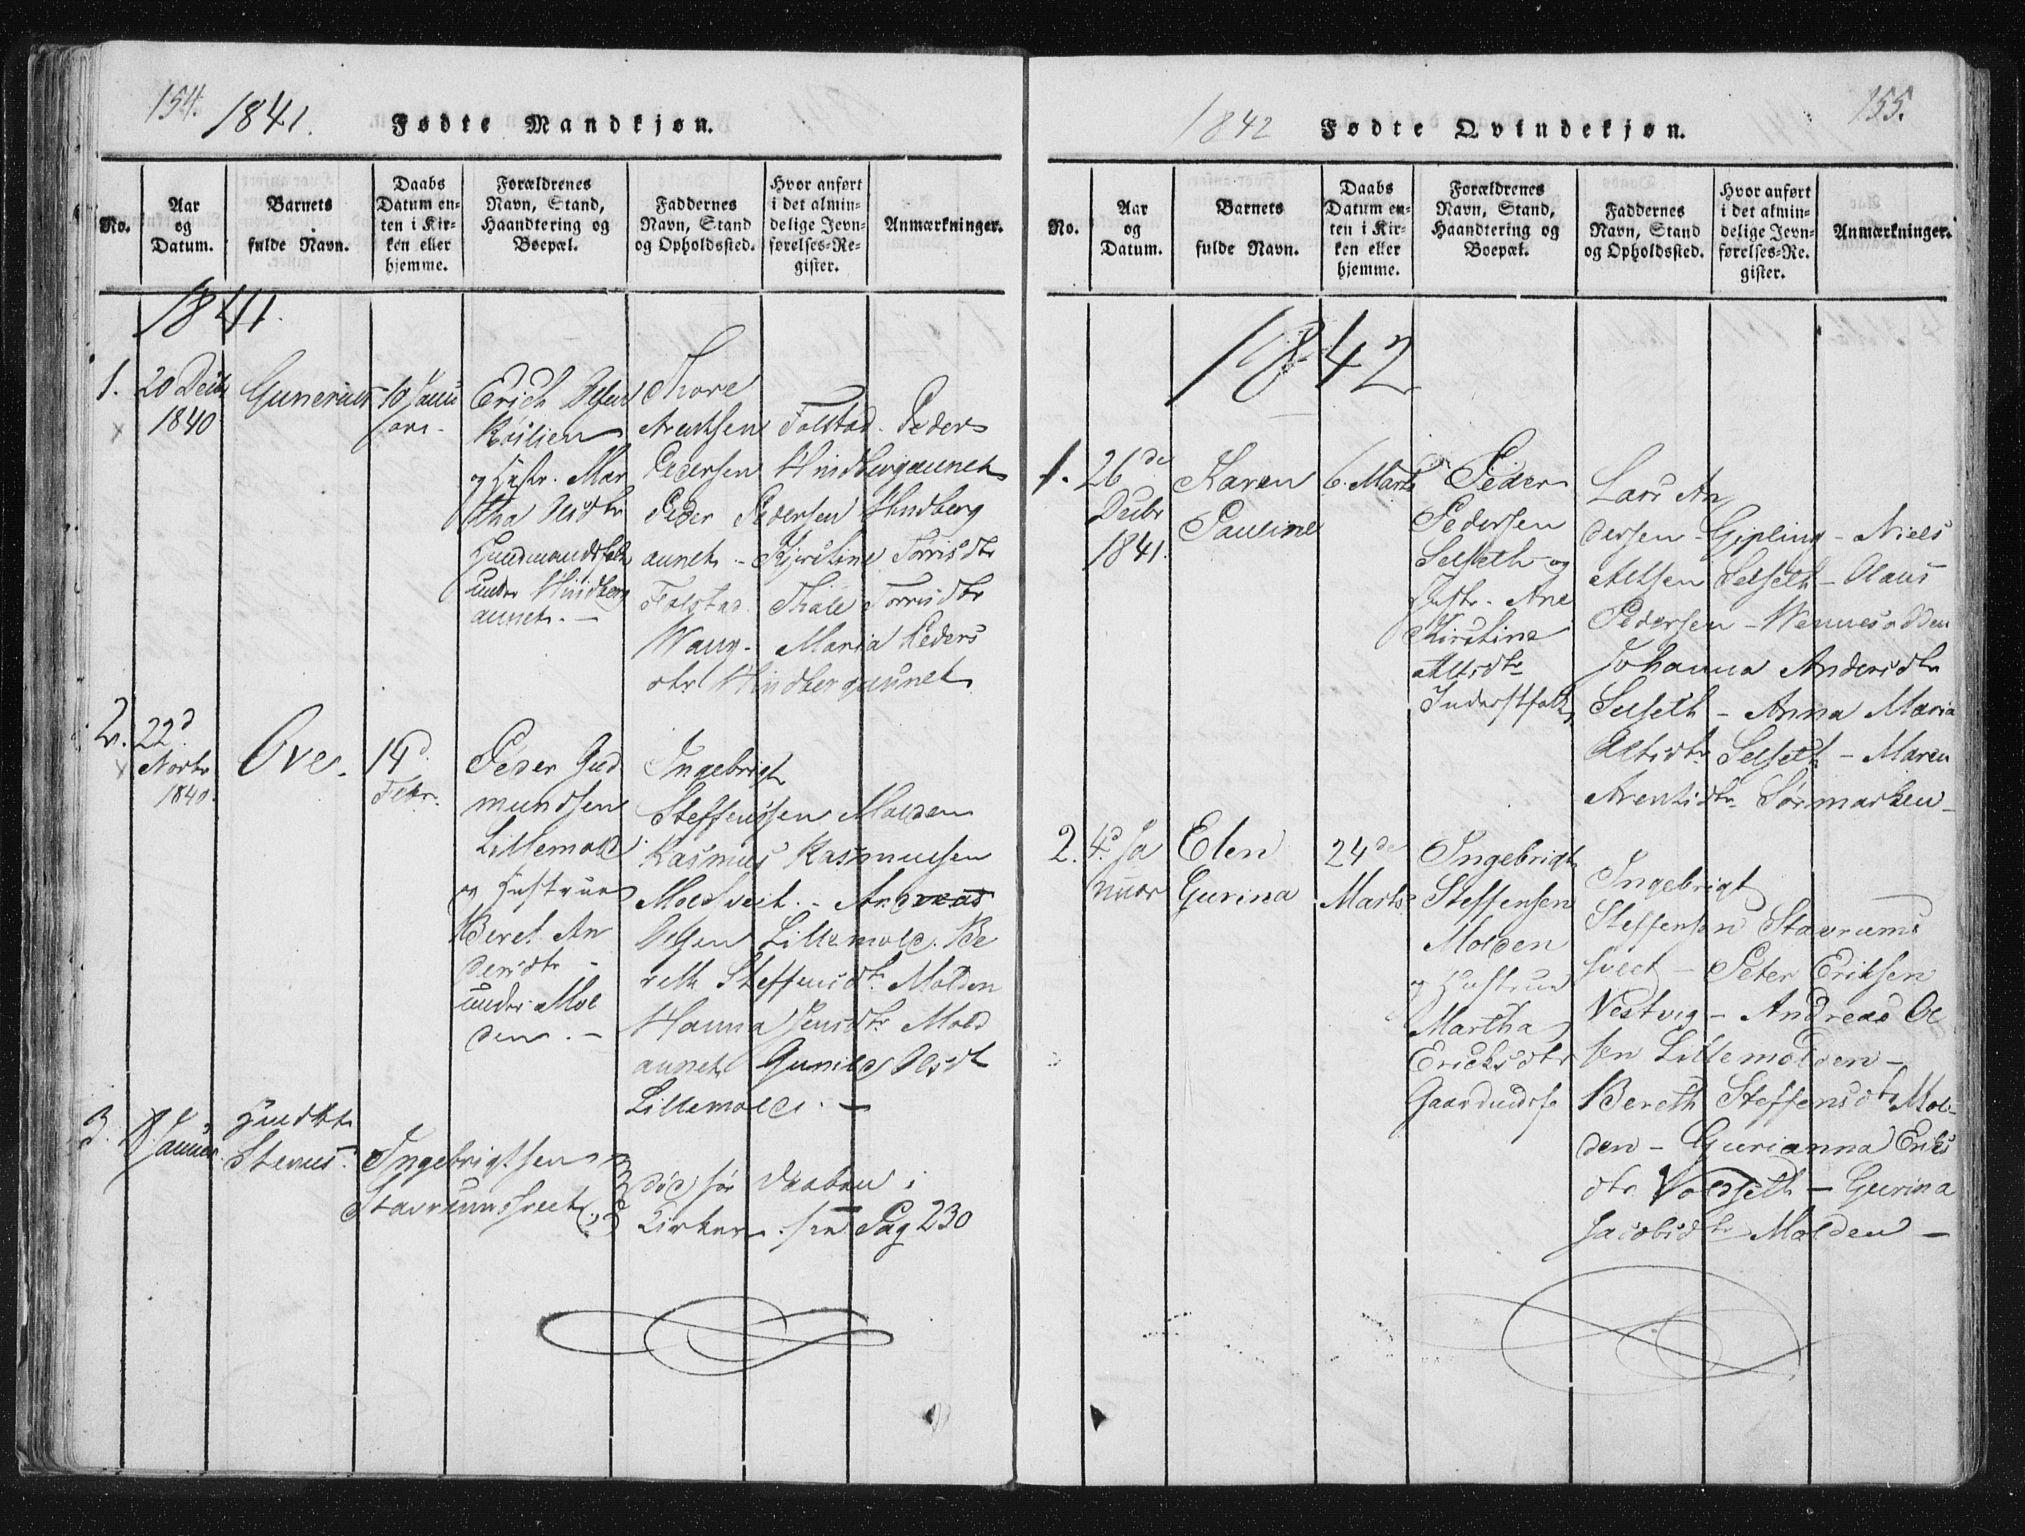 SAT, Ministerialprotokoller, klokkerbøker og fødselsregistre - Nord-Trøndelag, 744/L0417: Ministerialbok nr. 744A01, 1817-1842, s. 154-155